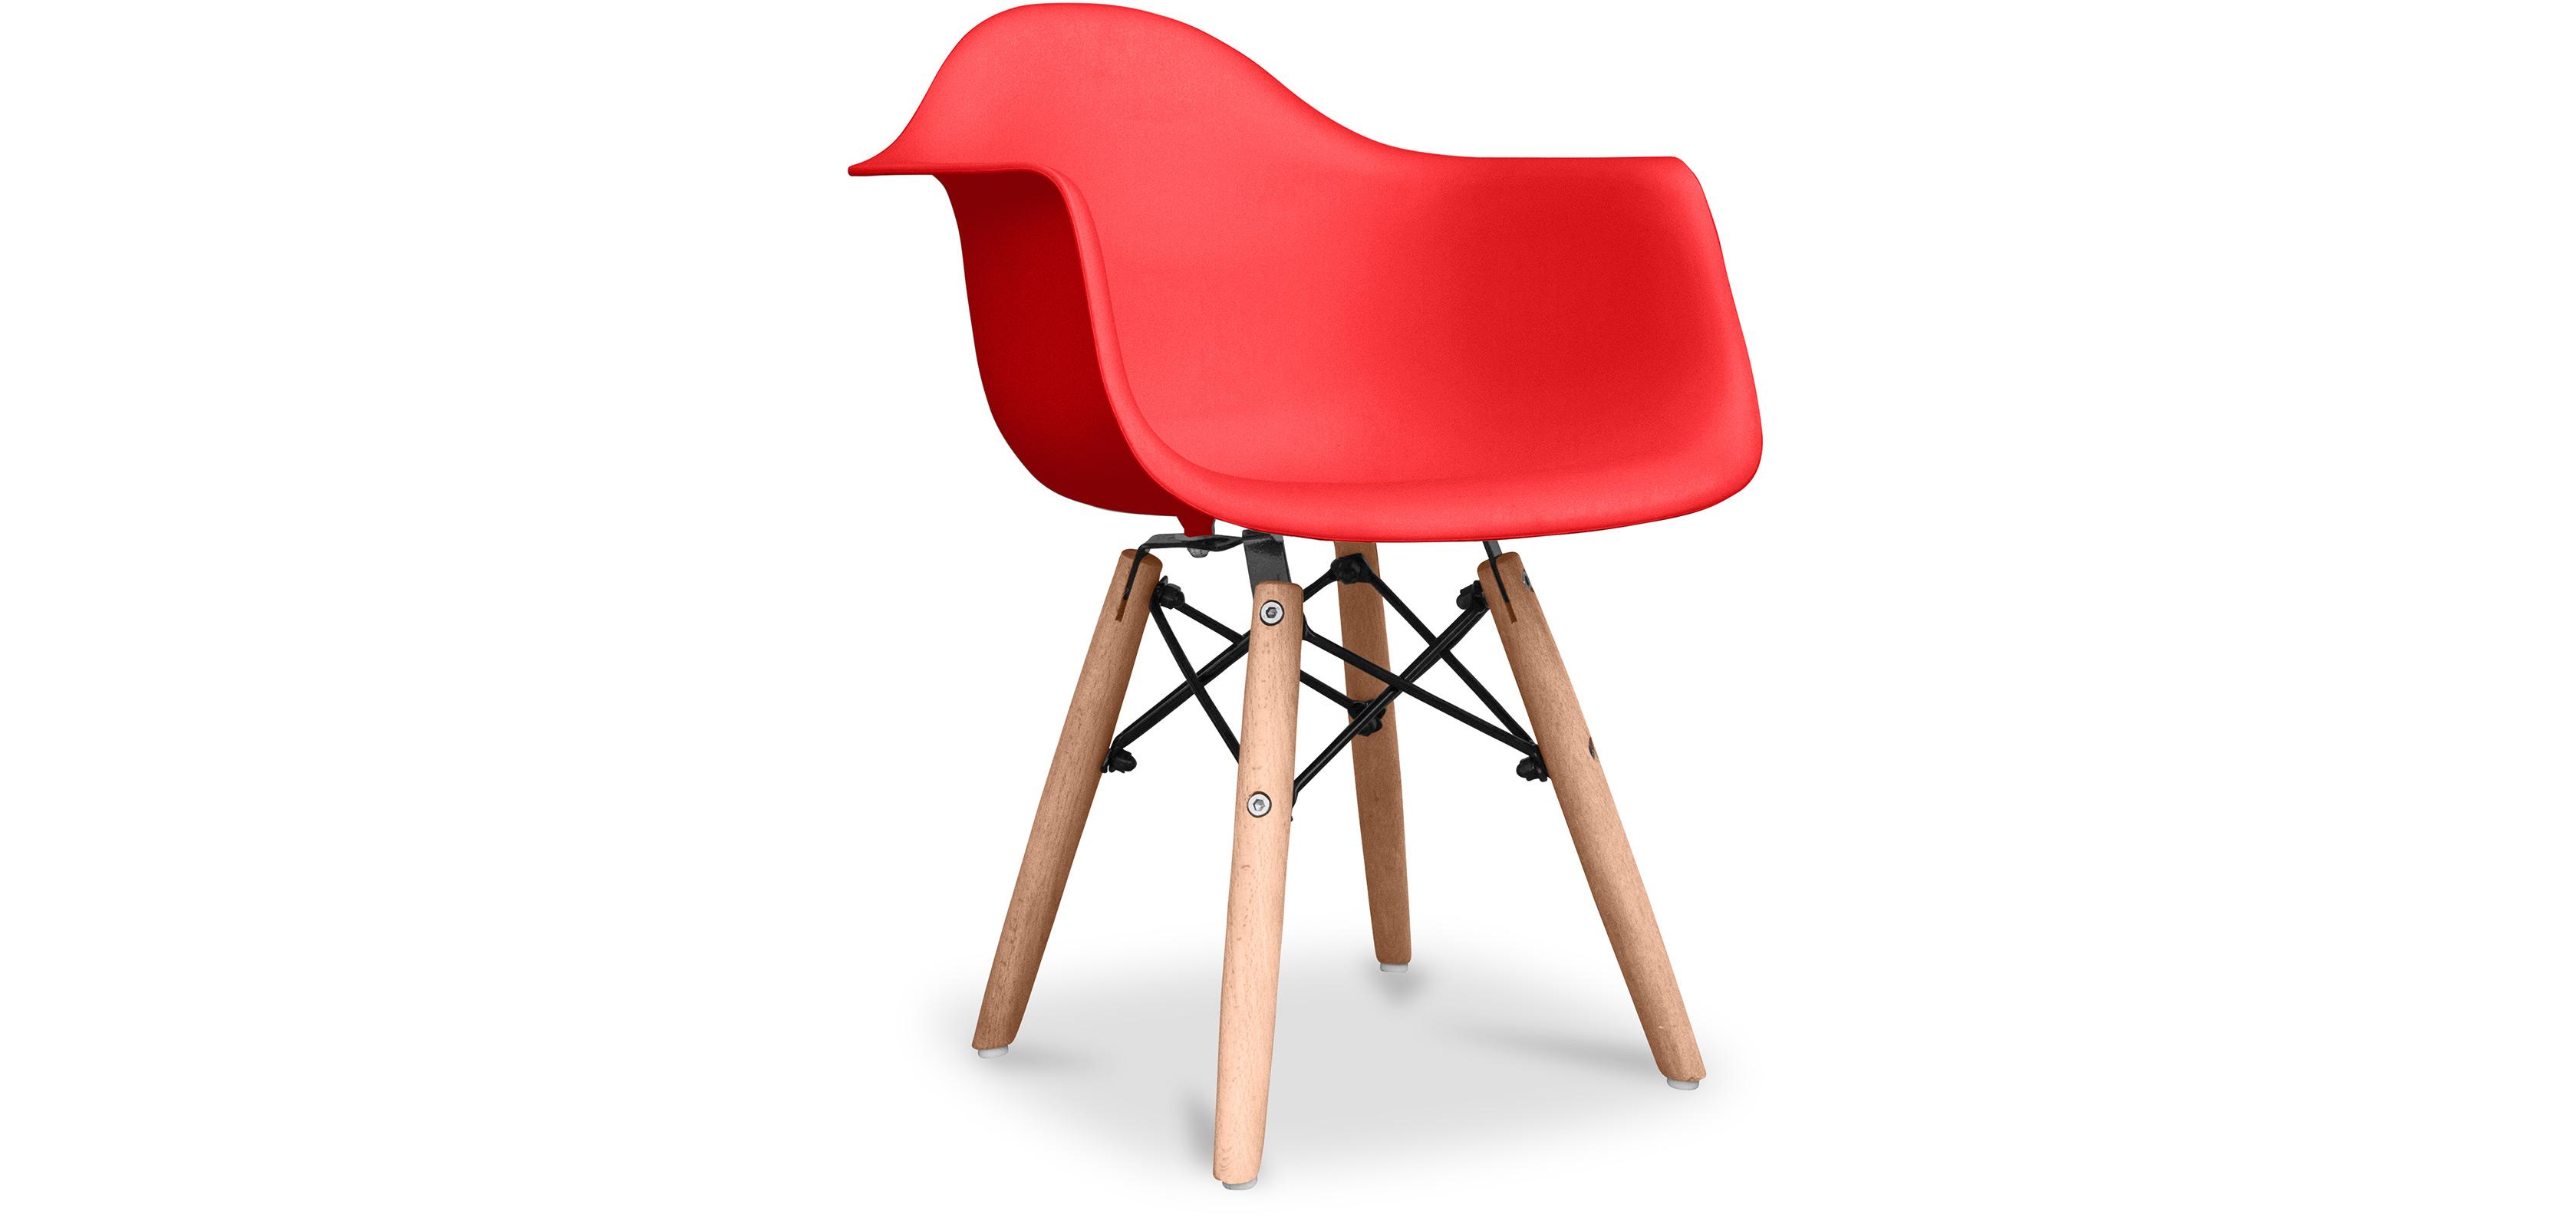 kinder daw stuhl charles eames. Black Bedroom Furniture Sets. Home Design Ideas